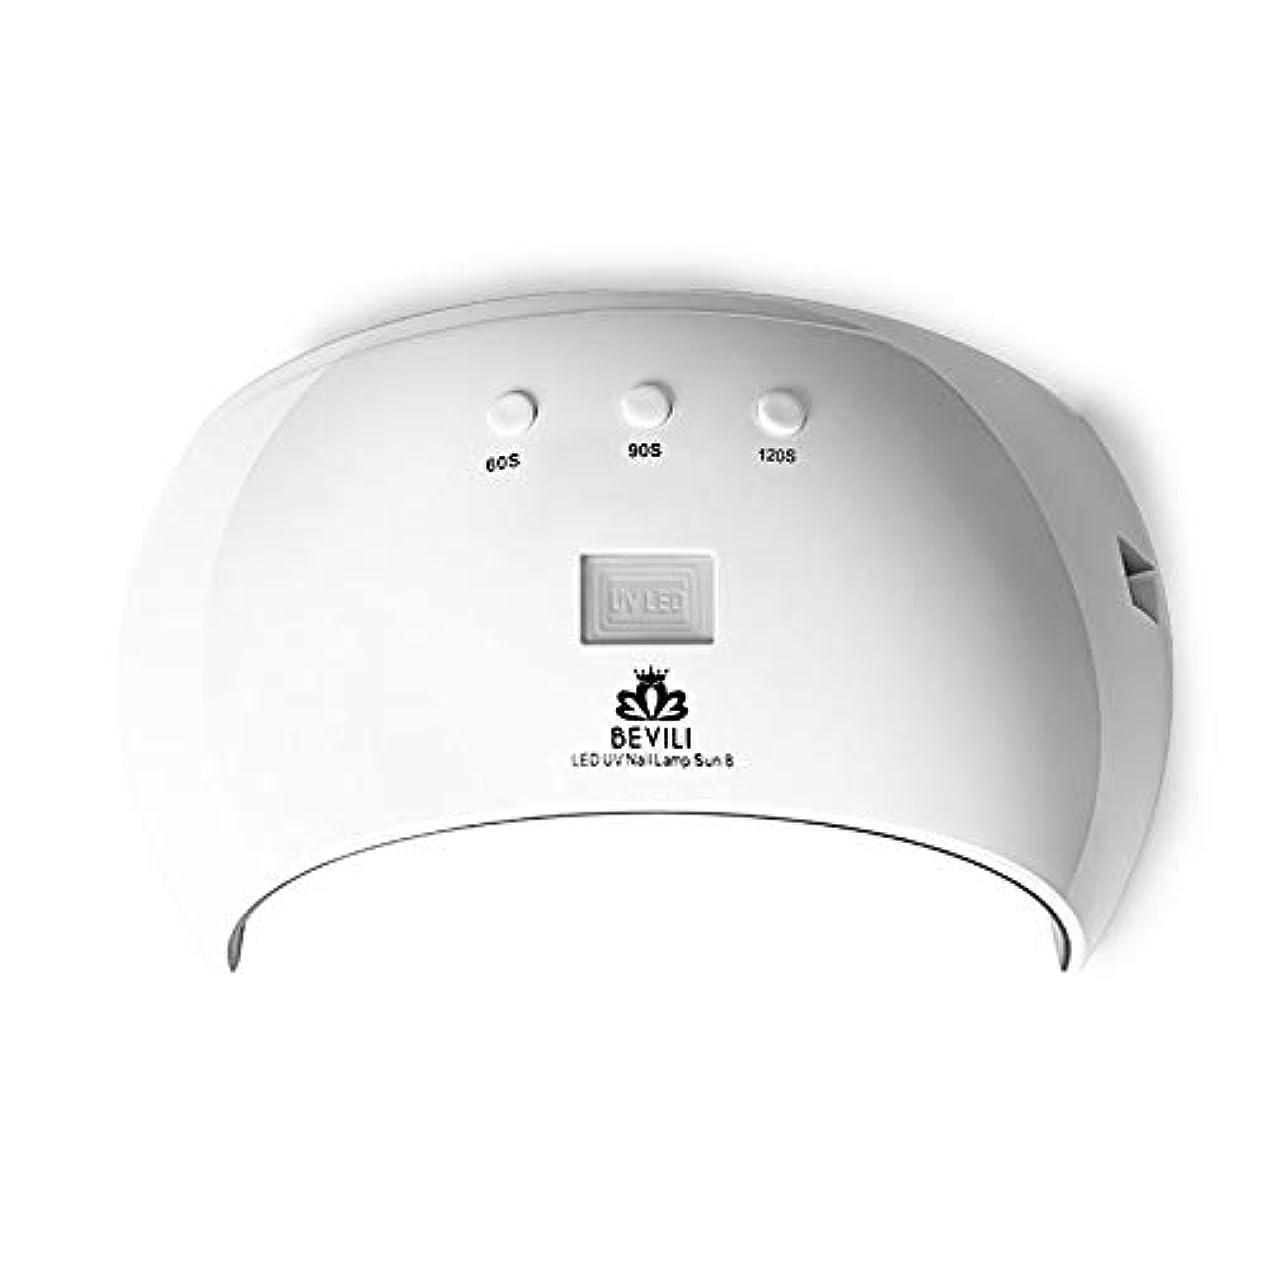 選ぶ包帯に話すMANOOBY 24W硬化用UVライト3段階タイマー& 自動センサー付きハイパワー ネイルドライヤー